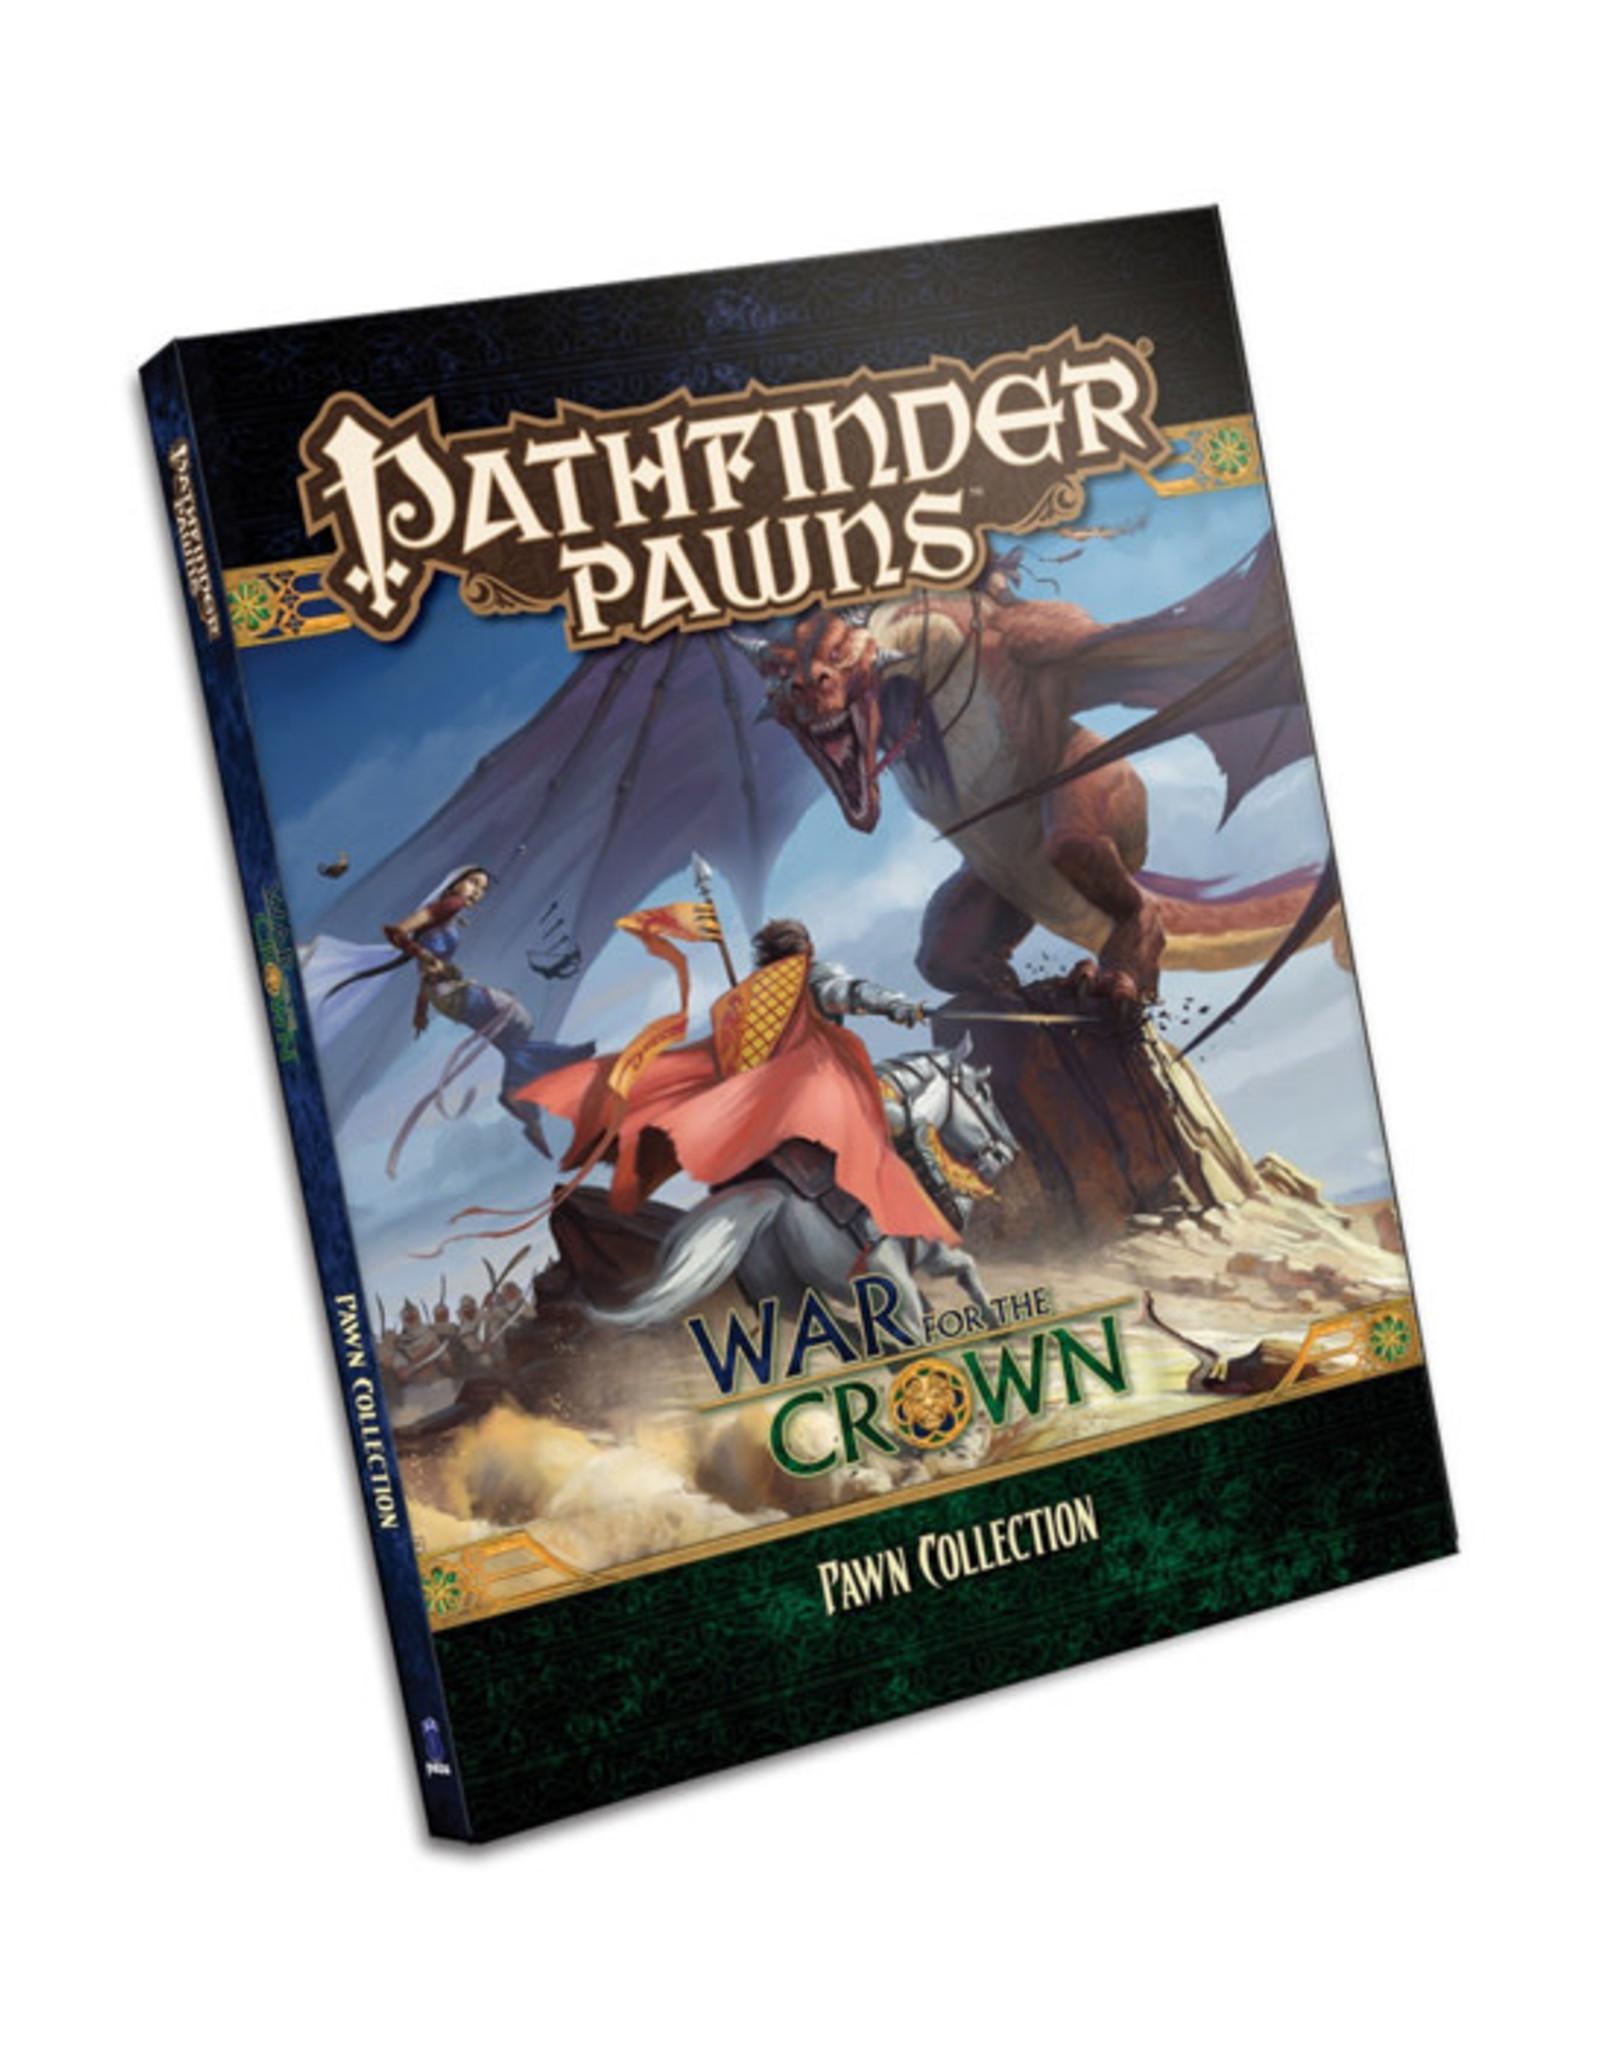 Pathfinder Pathfinder: Pawns - War of the Crown